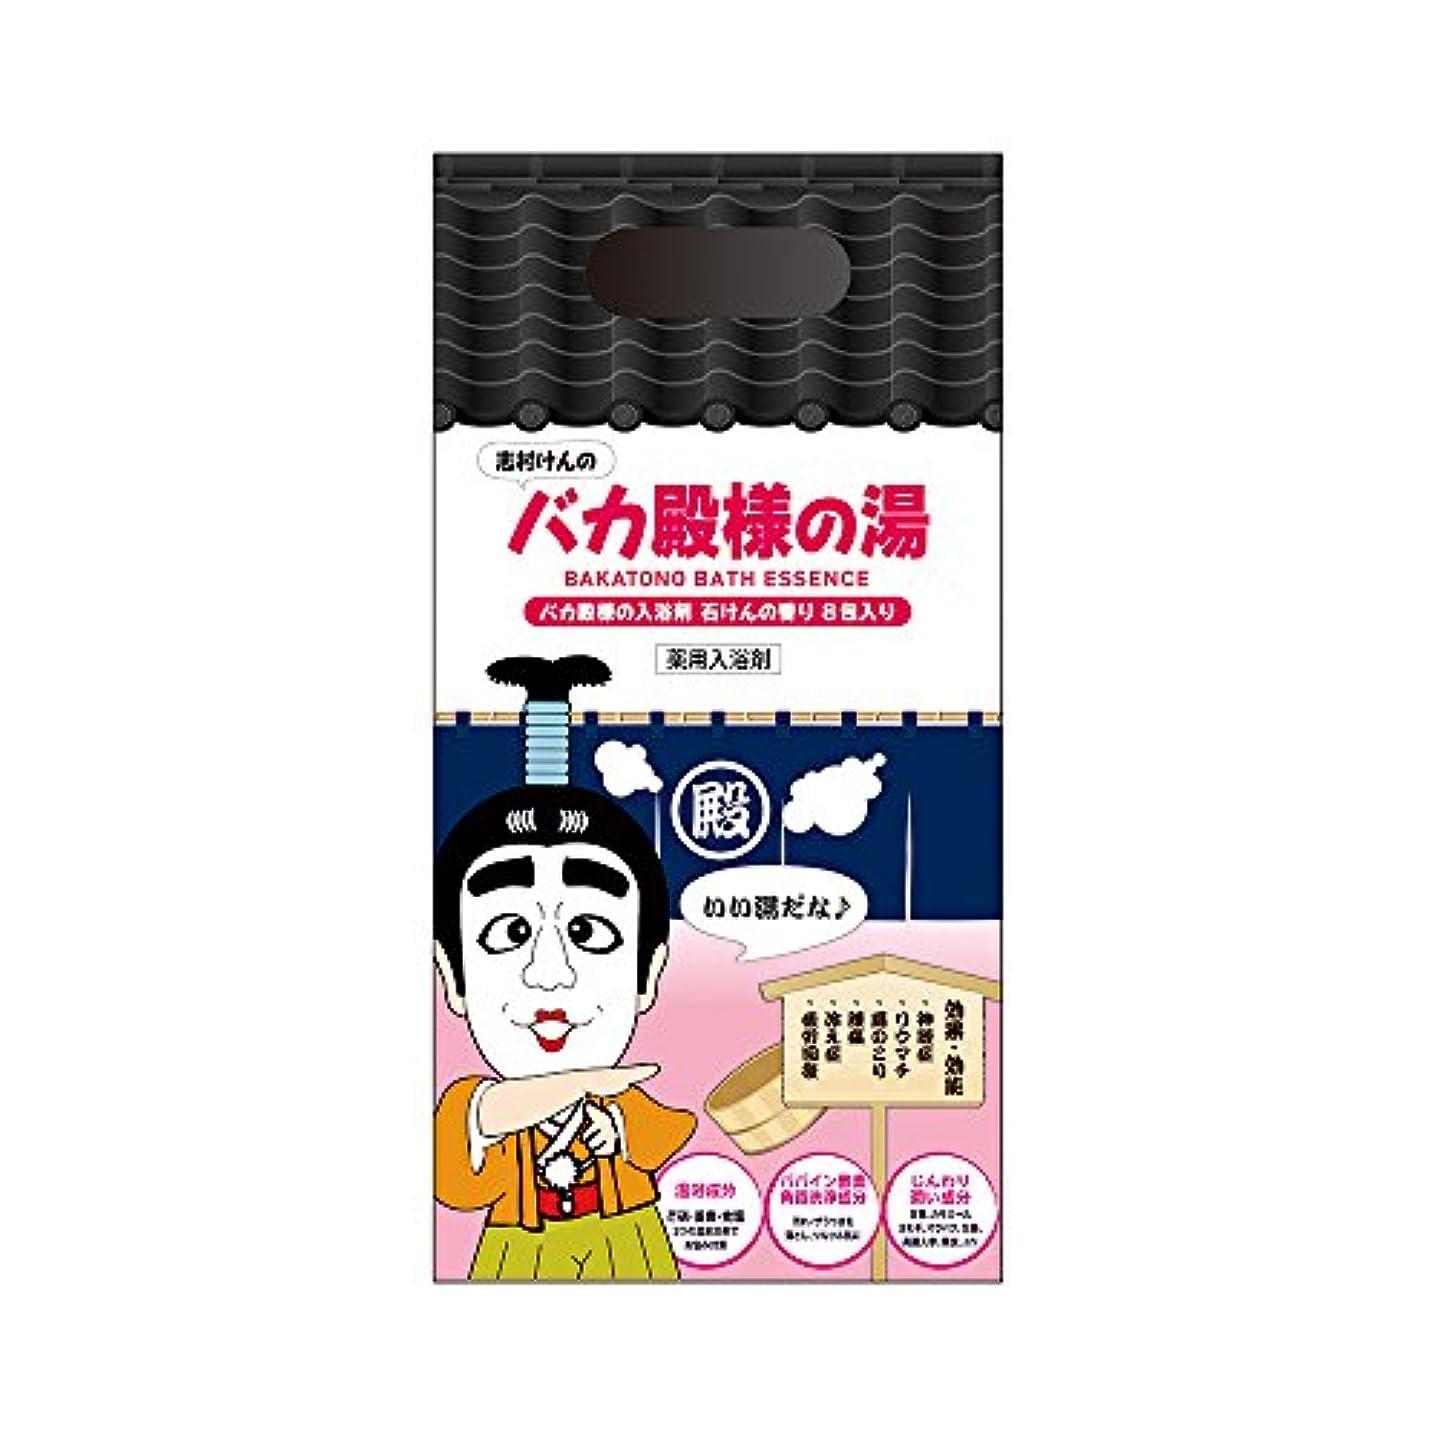 破壊心配マーケティング志村けんのバカ殿様の湯 バカ殿様の入浴剤 石けんの香り (25g × 8包入り)